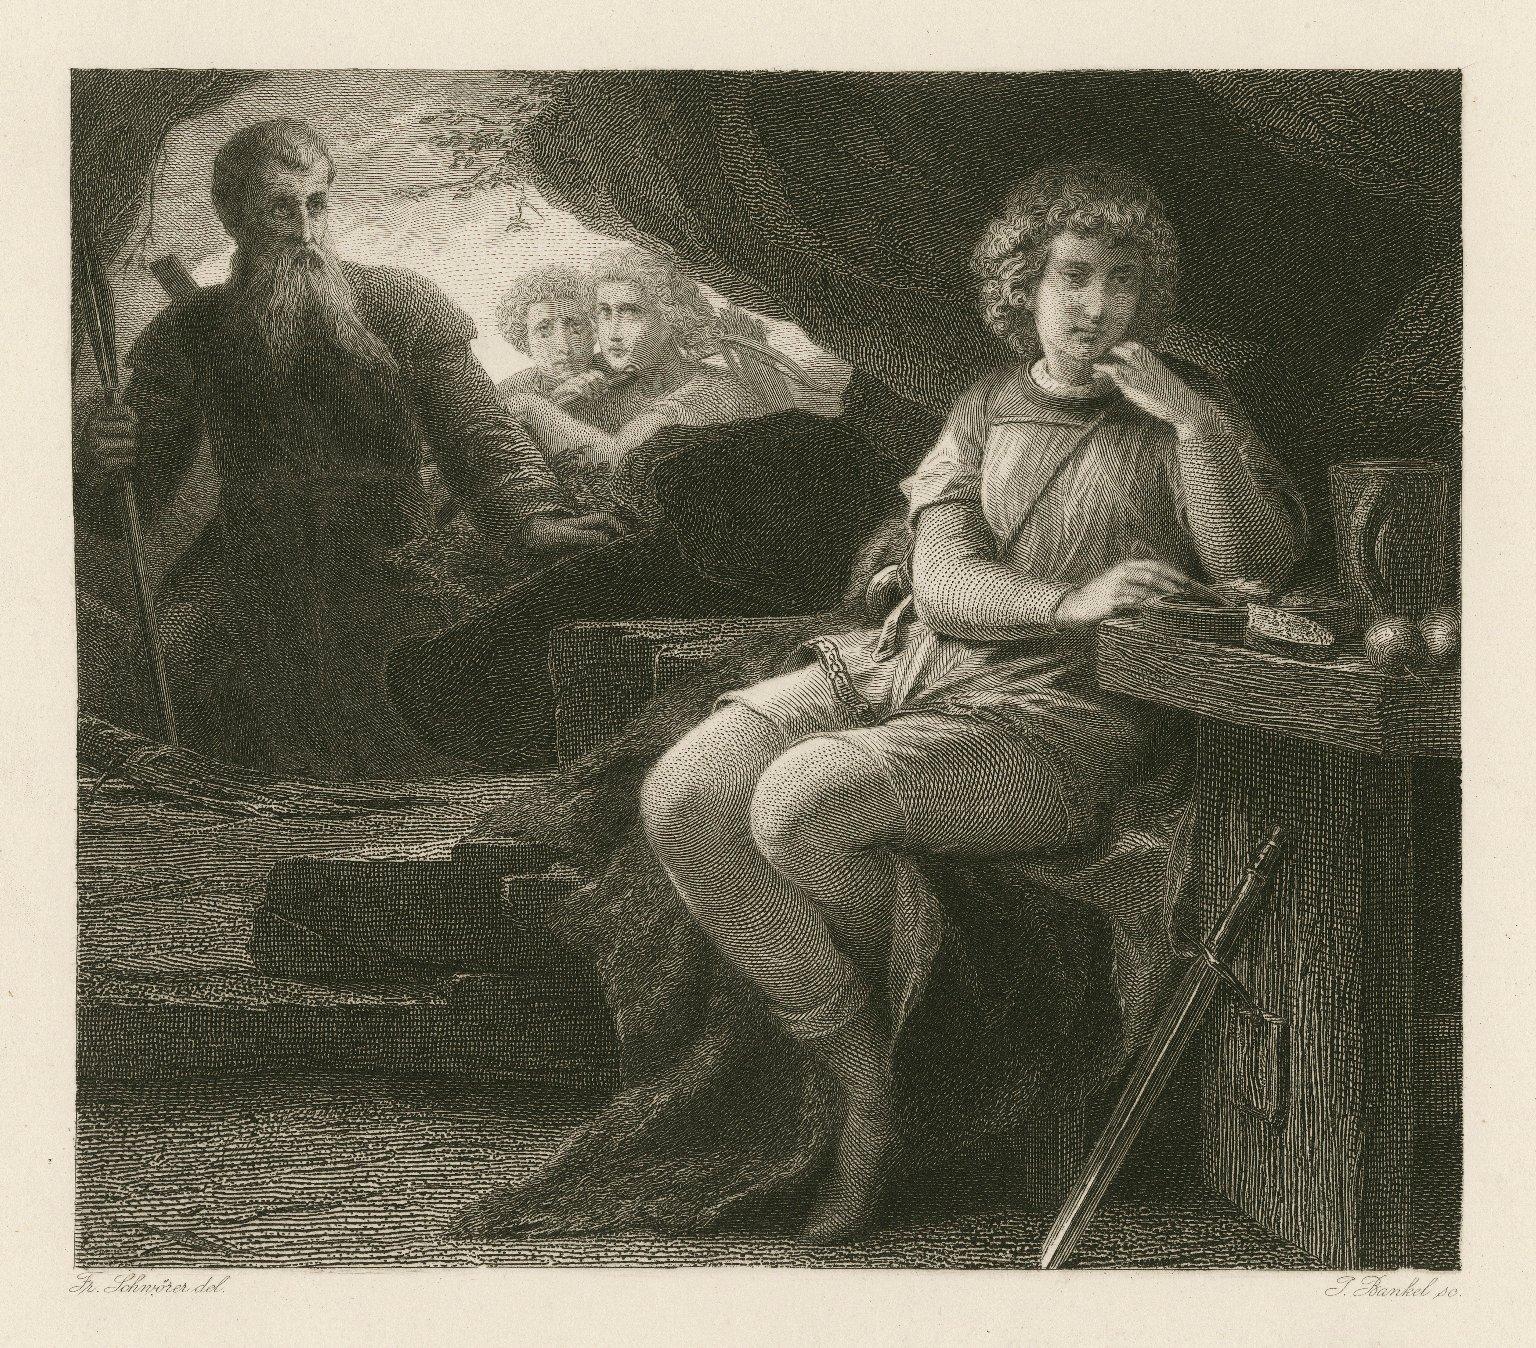 [Cymbeline, act III, sc. vi] [graphic] / Fr. Schwörer, del. ; J. Bankel, sc.